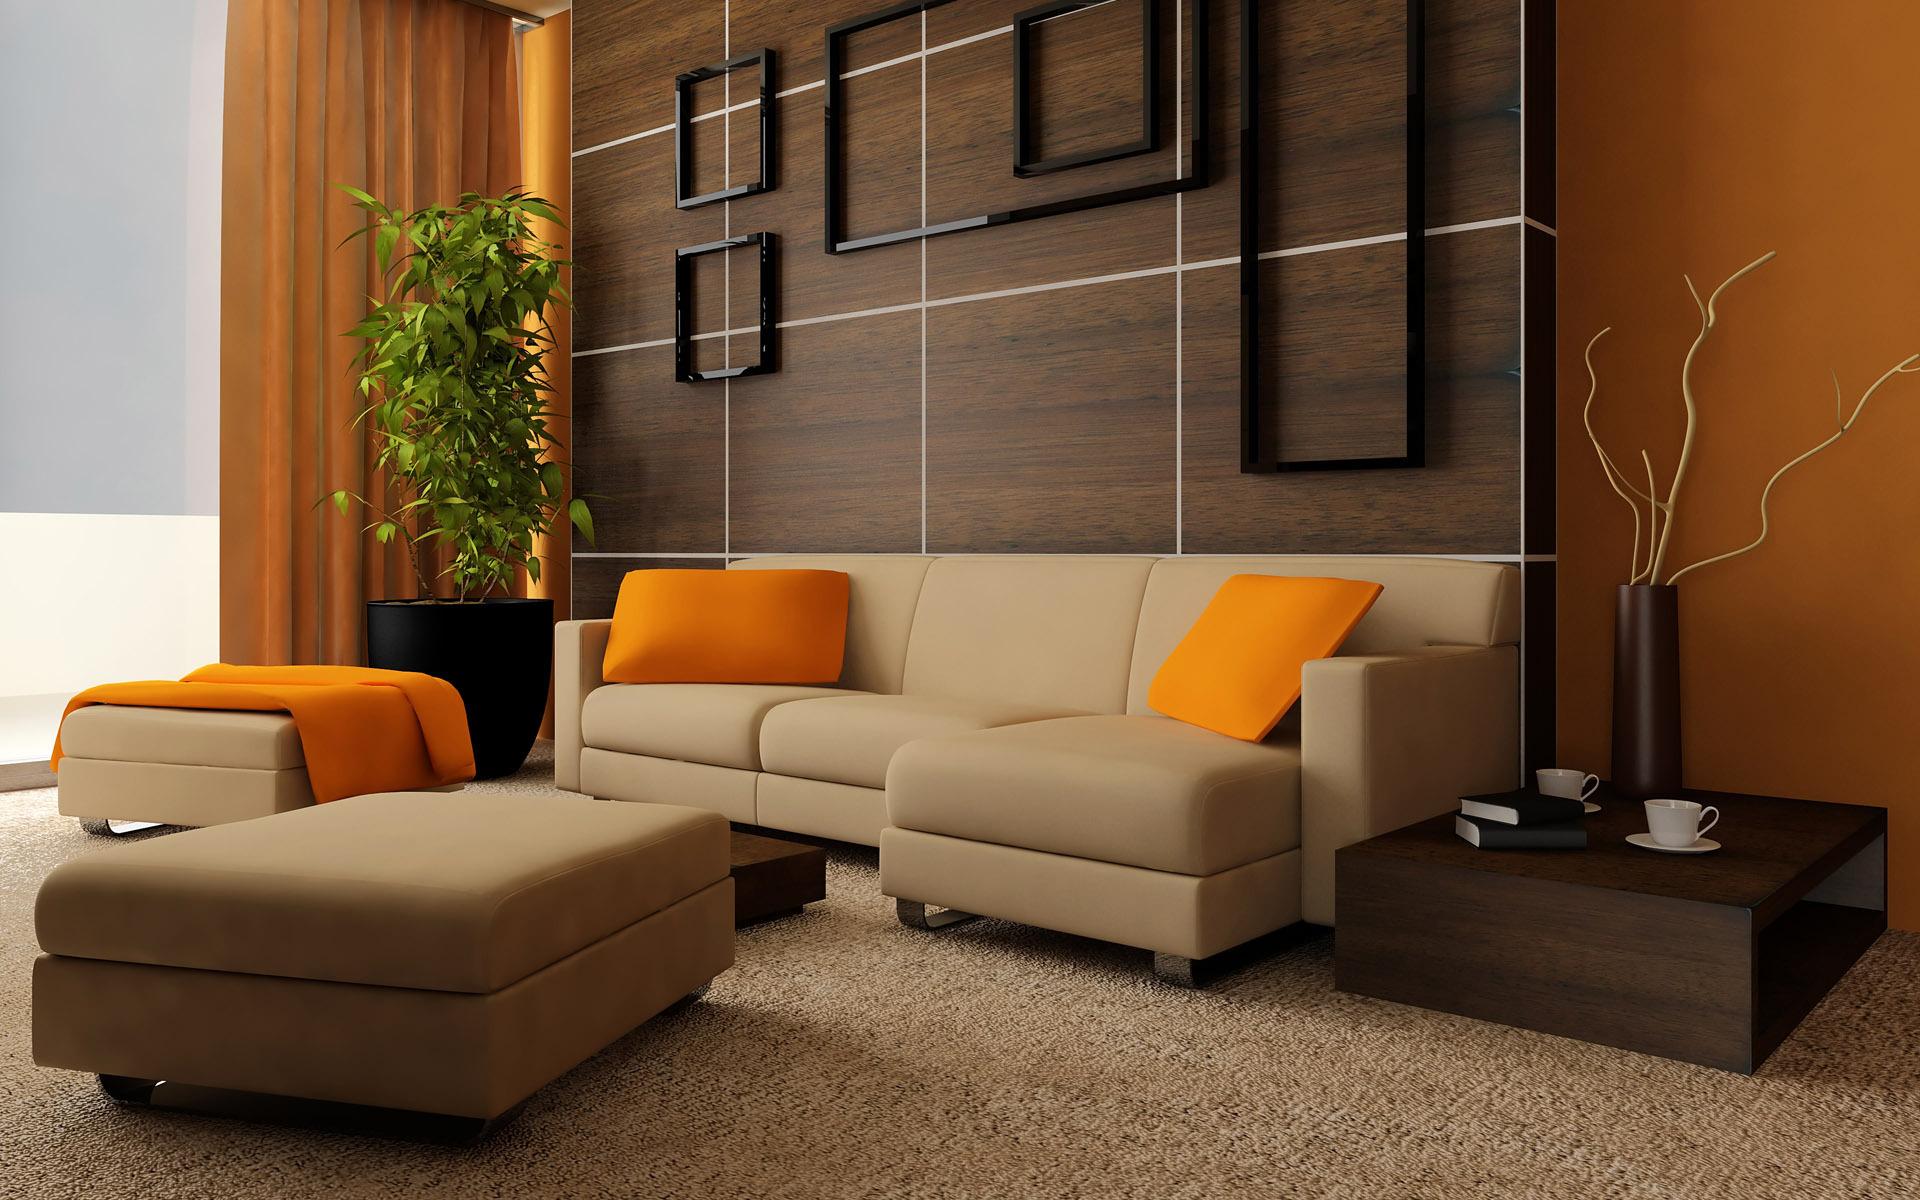 Цвет в интерьере квартиры фото